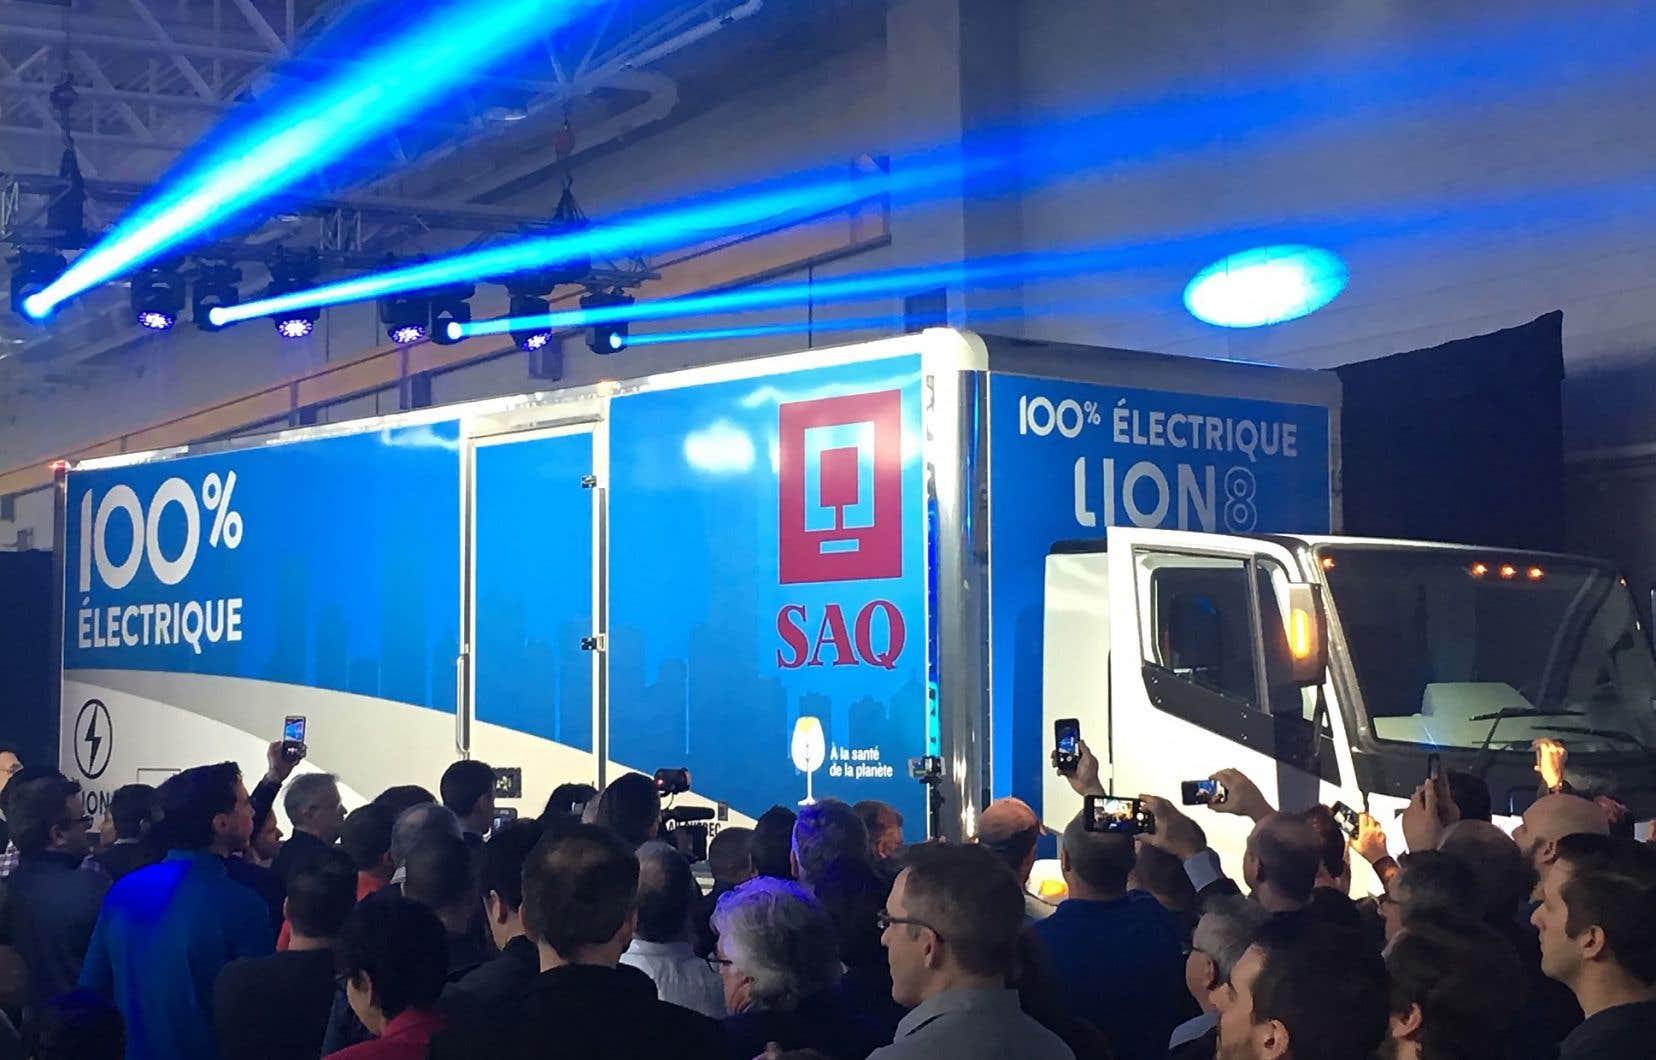 Le premier Lion8, qui prendra la route l'automne prochain, a déjà trouvé son acheteur, la Société des alcools du Québec.